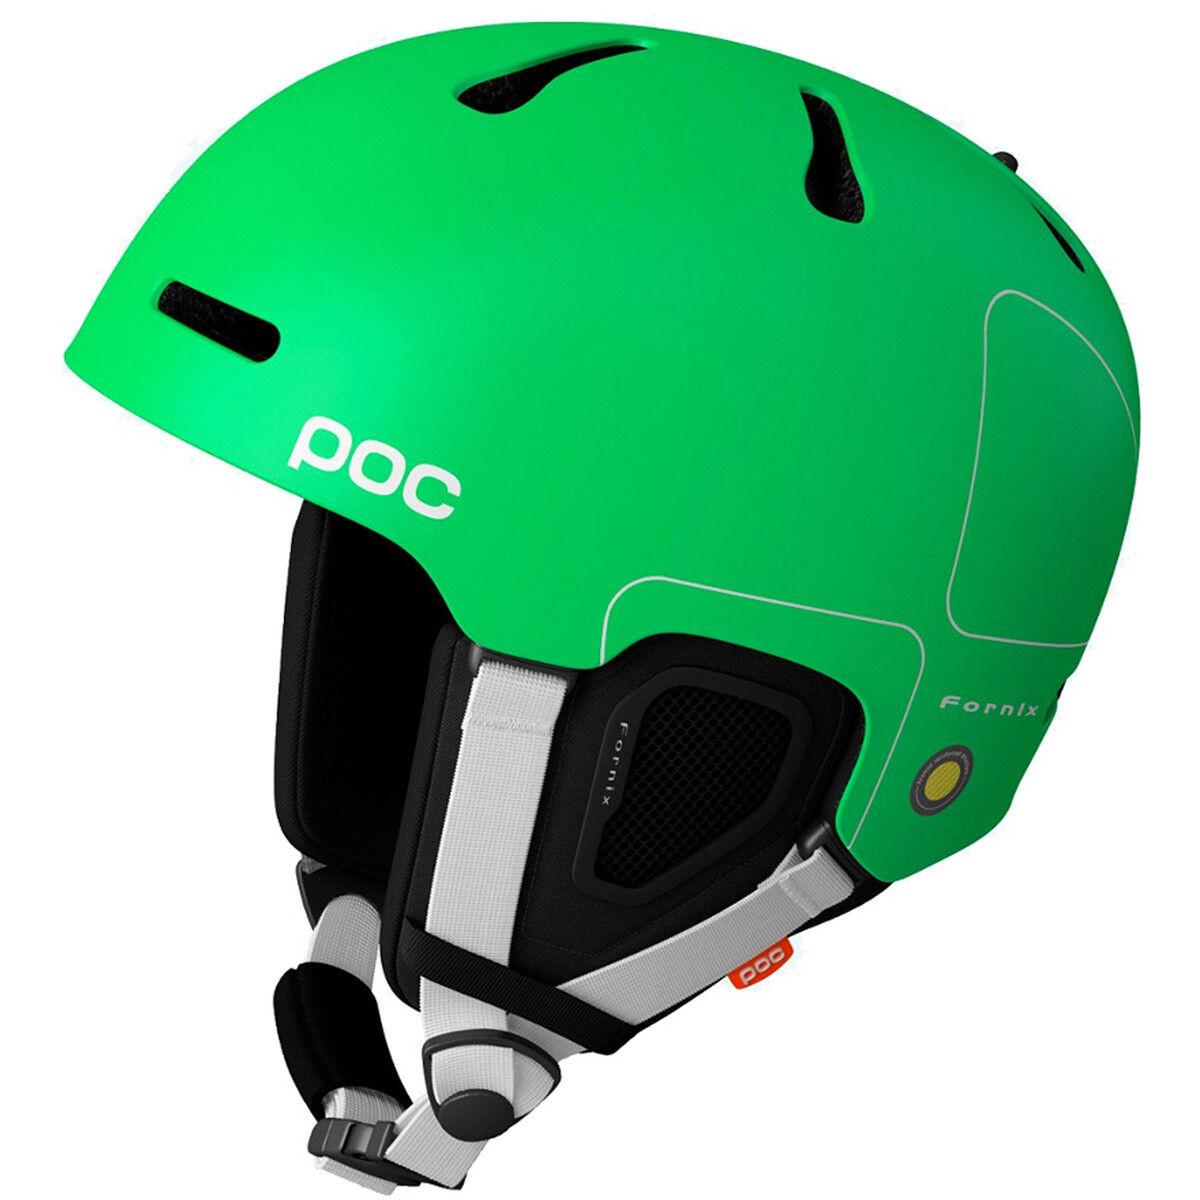 Poc Adult Fornix Snow Ski Skiing Helmet Green Medium Large M L 55 58 cm